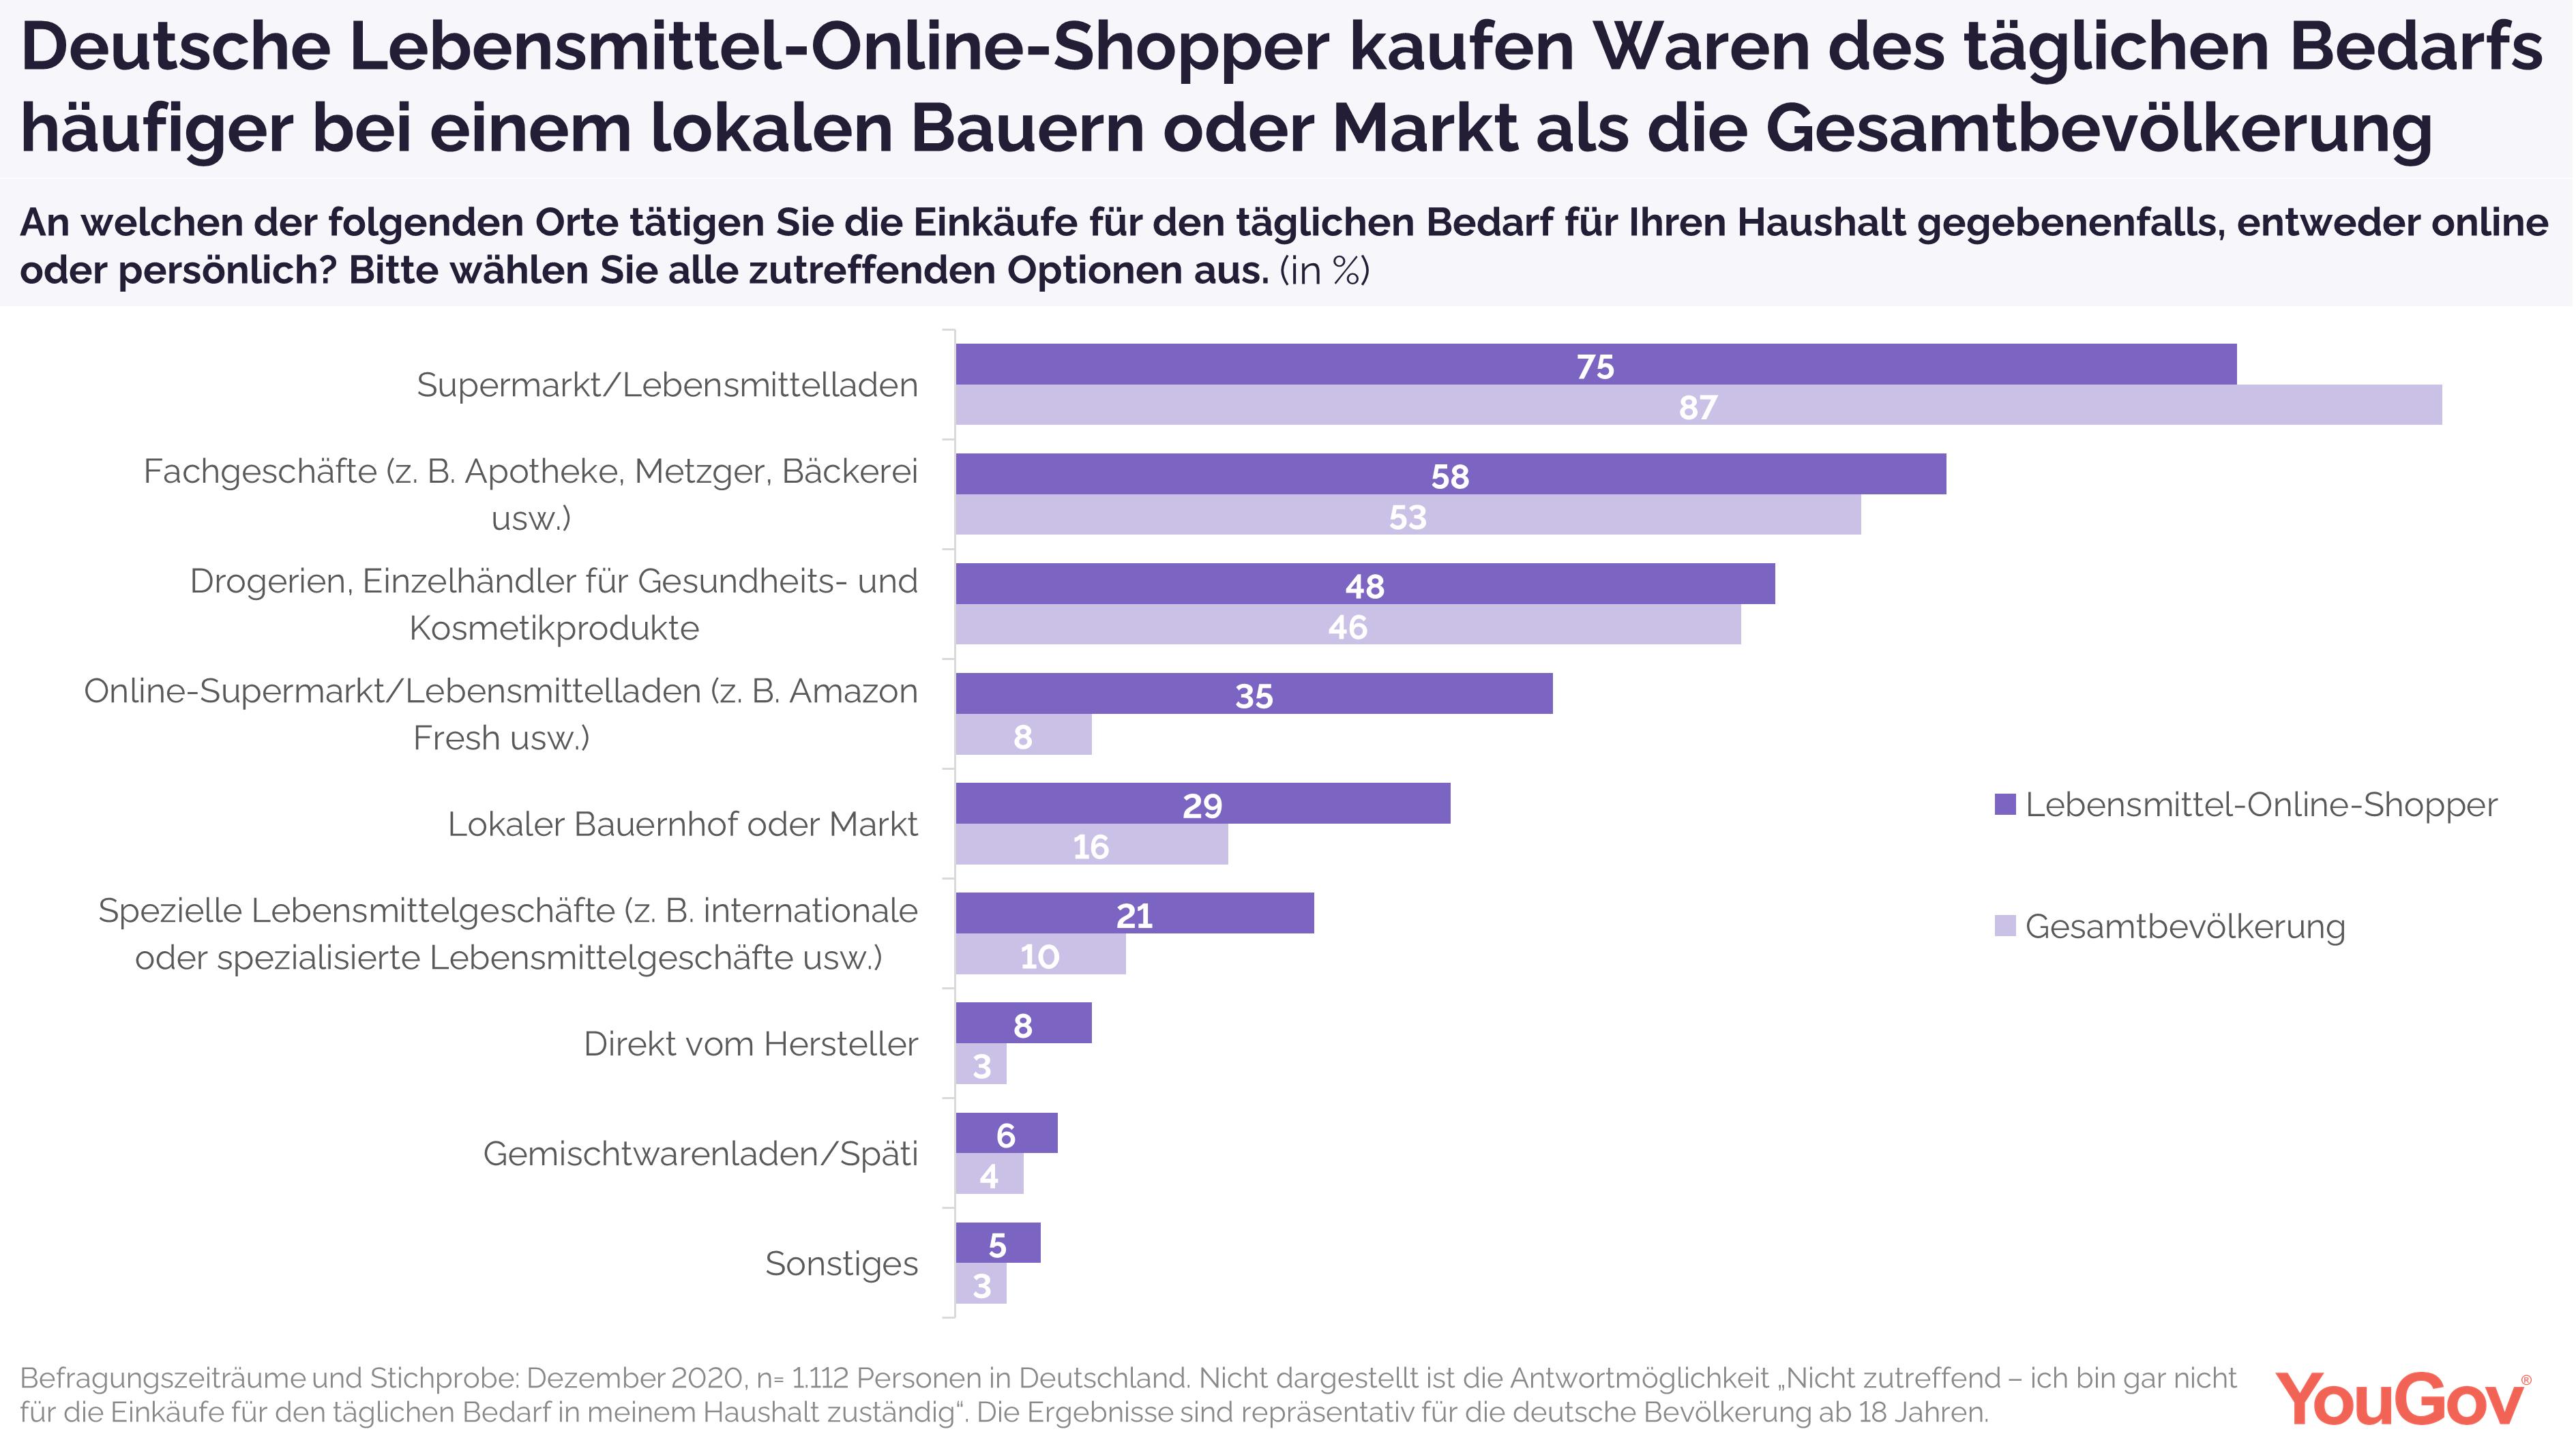 Wo kaufen deutsche Lebensmittel-Online-Shopper?